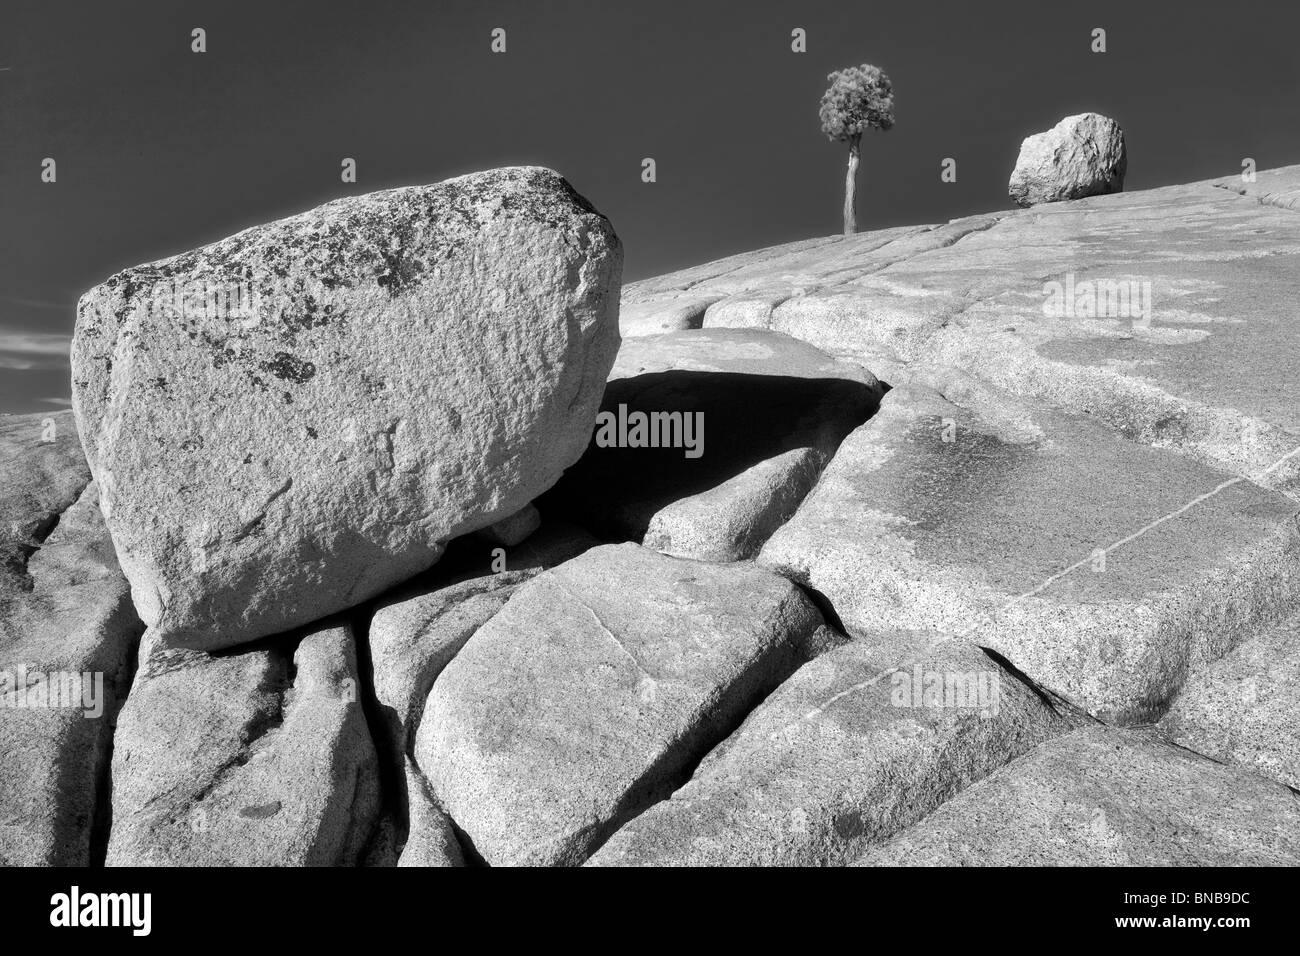 Roche de granit et Lone Tree. Yosemite National Park, Californie Banque D'Images